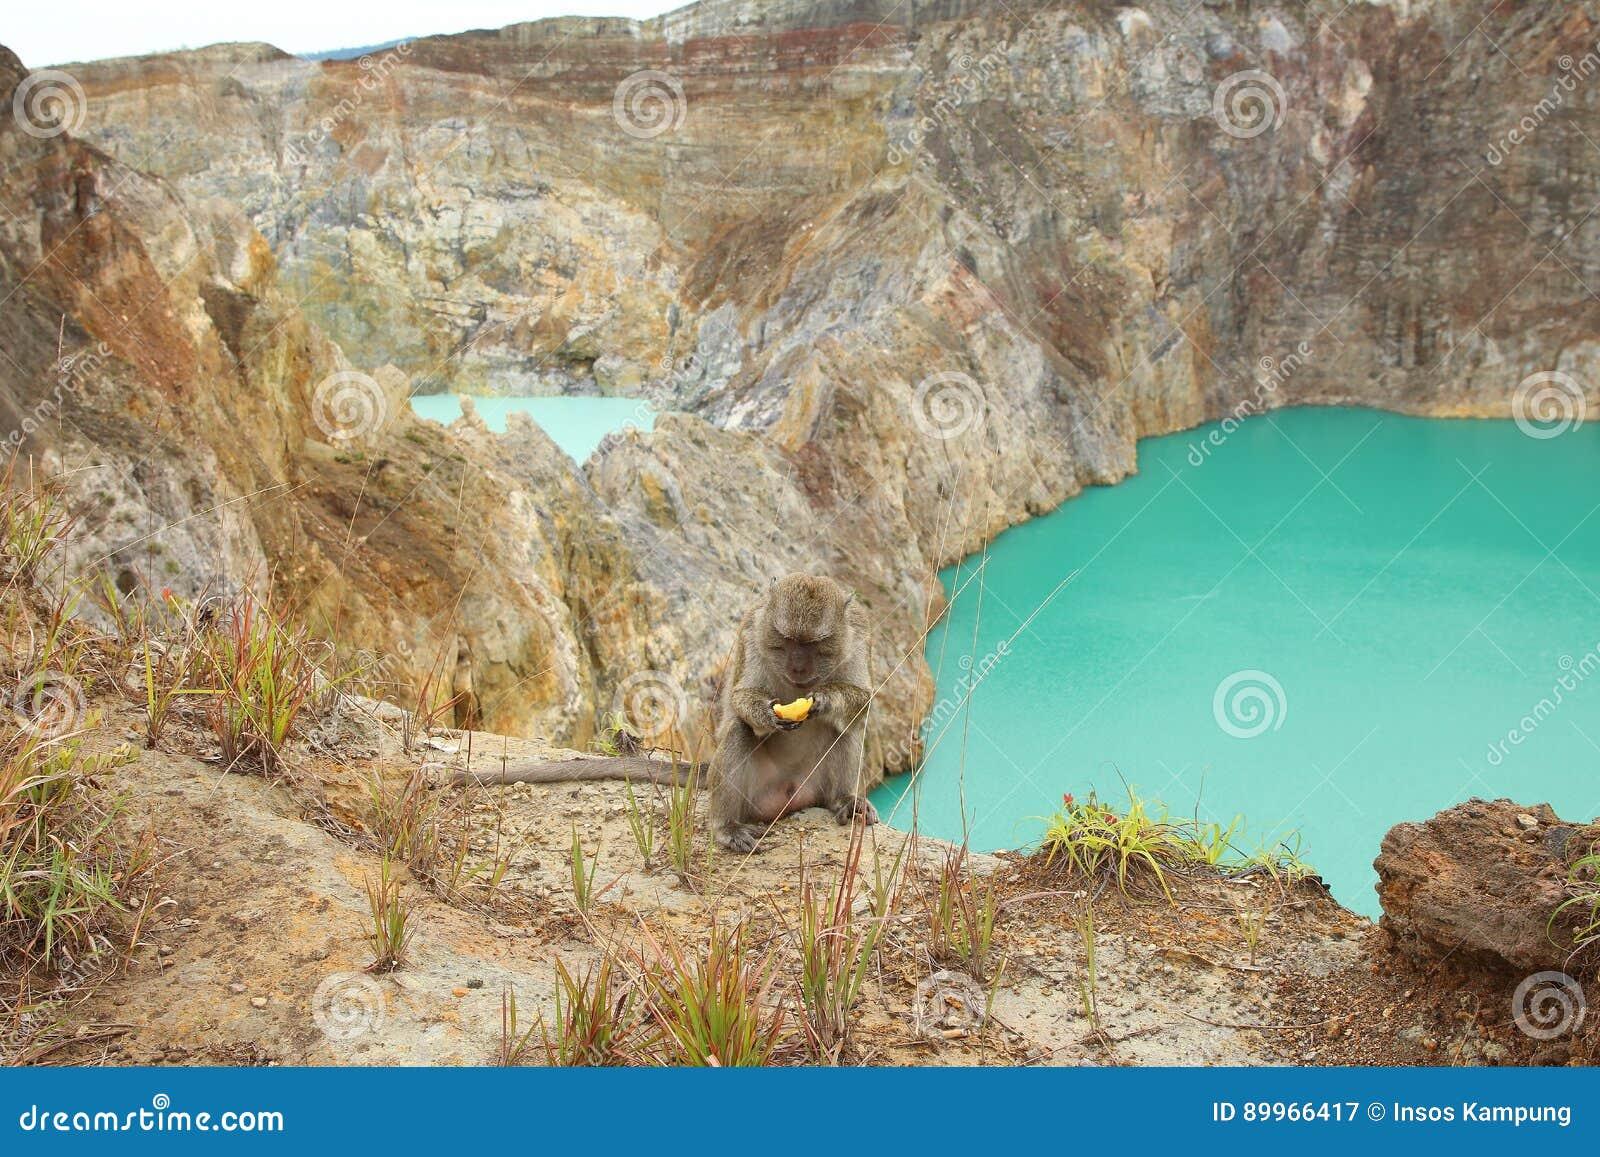 Bewitched or Enchanted Lake, Kelimutu Crater Lakes